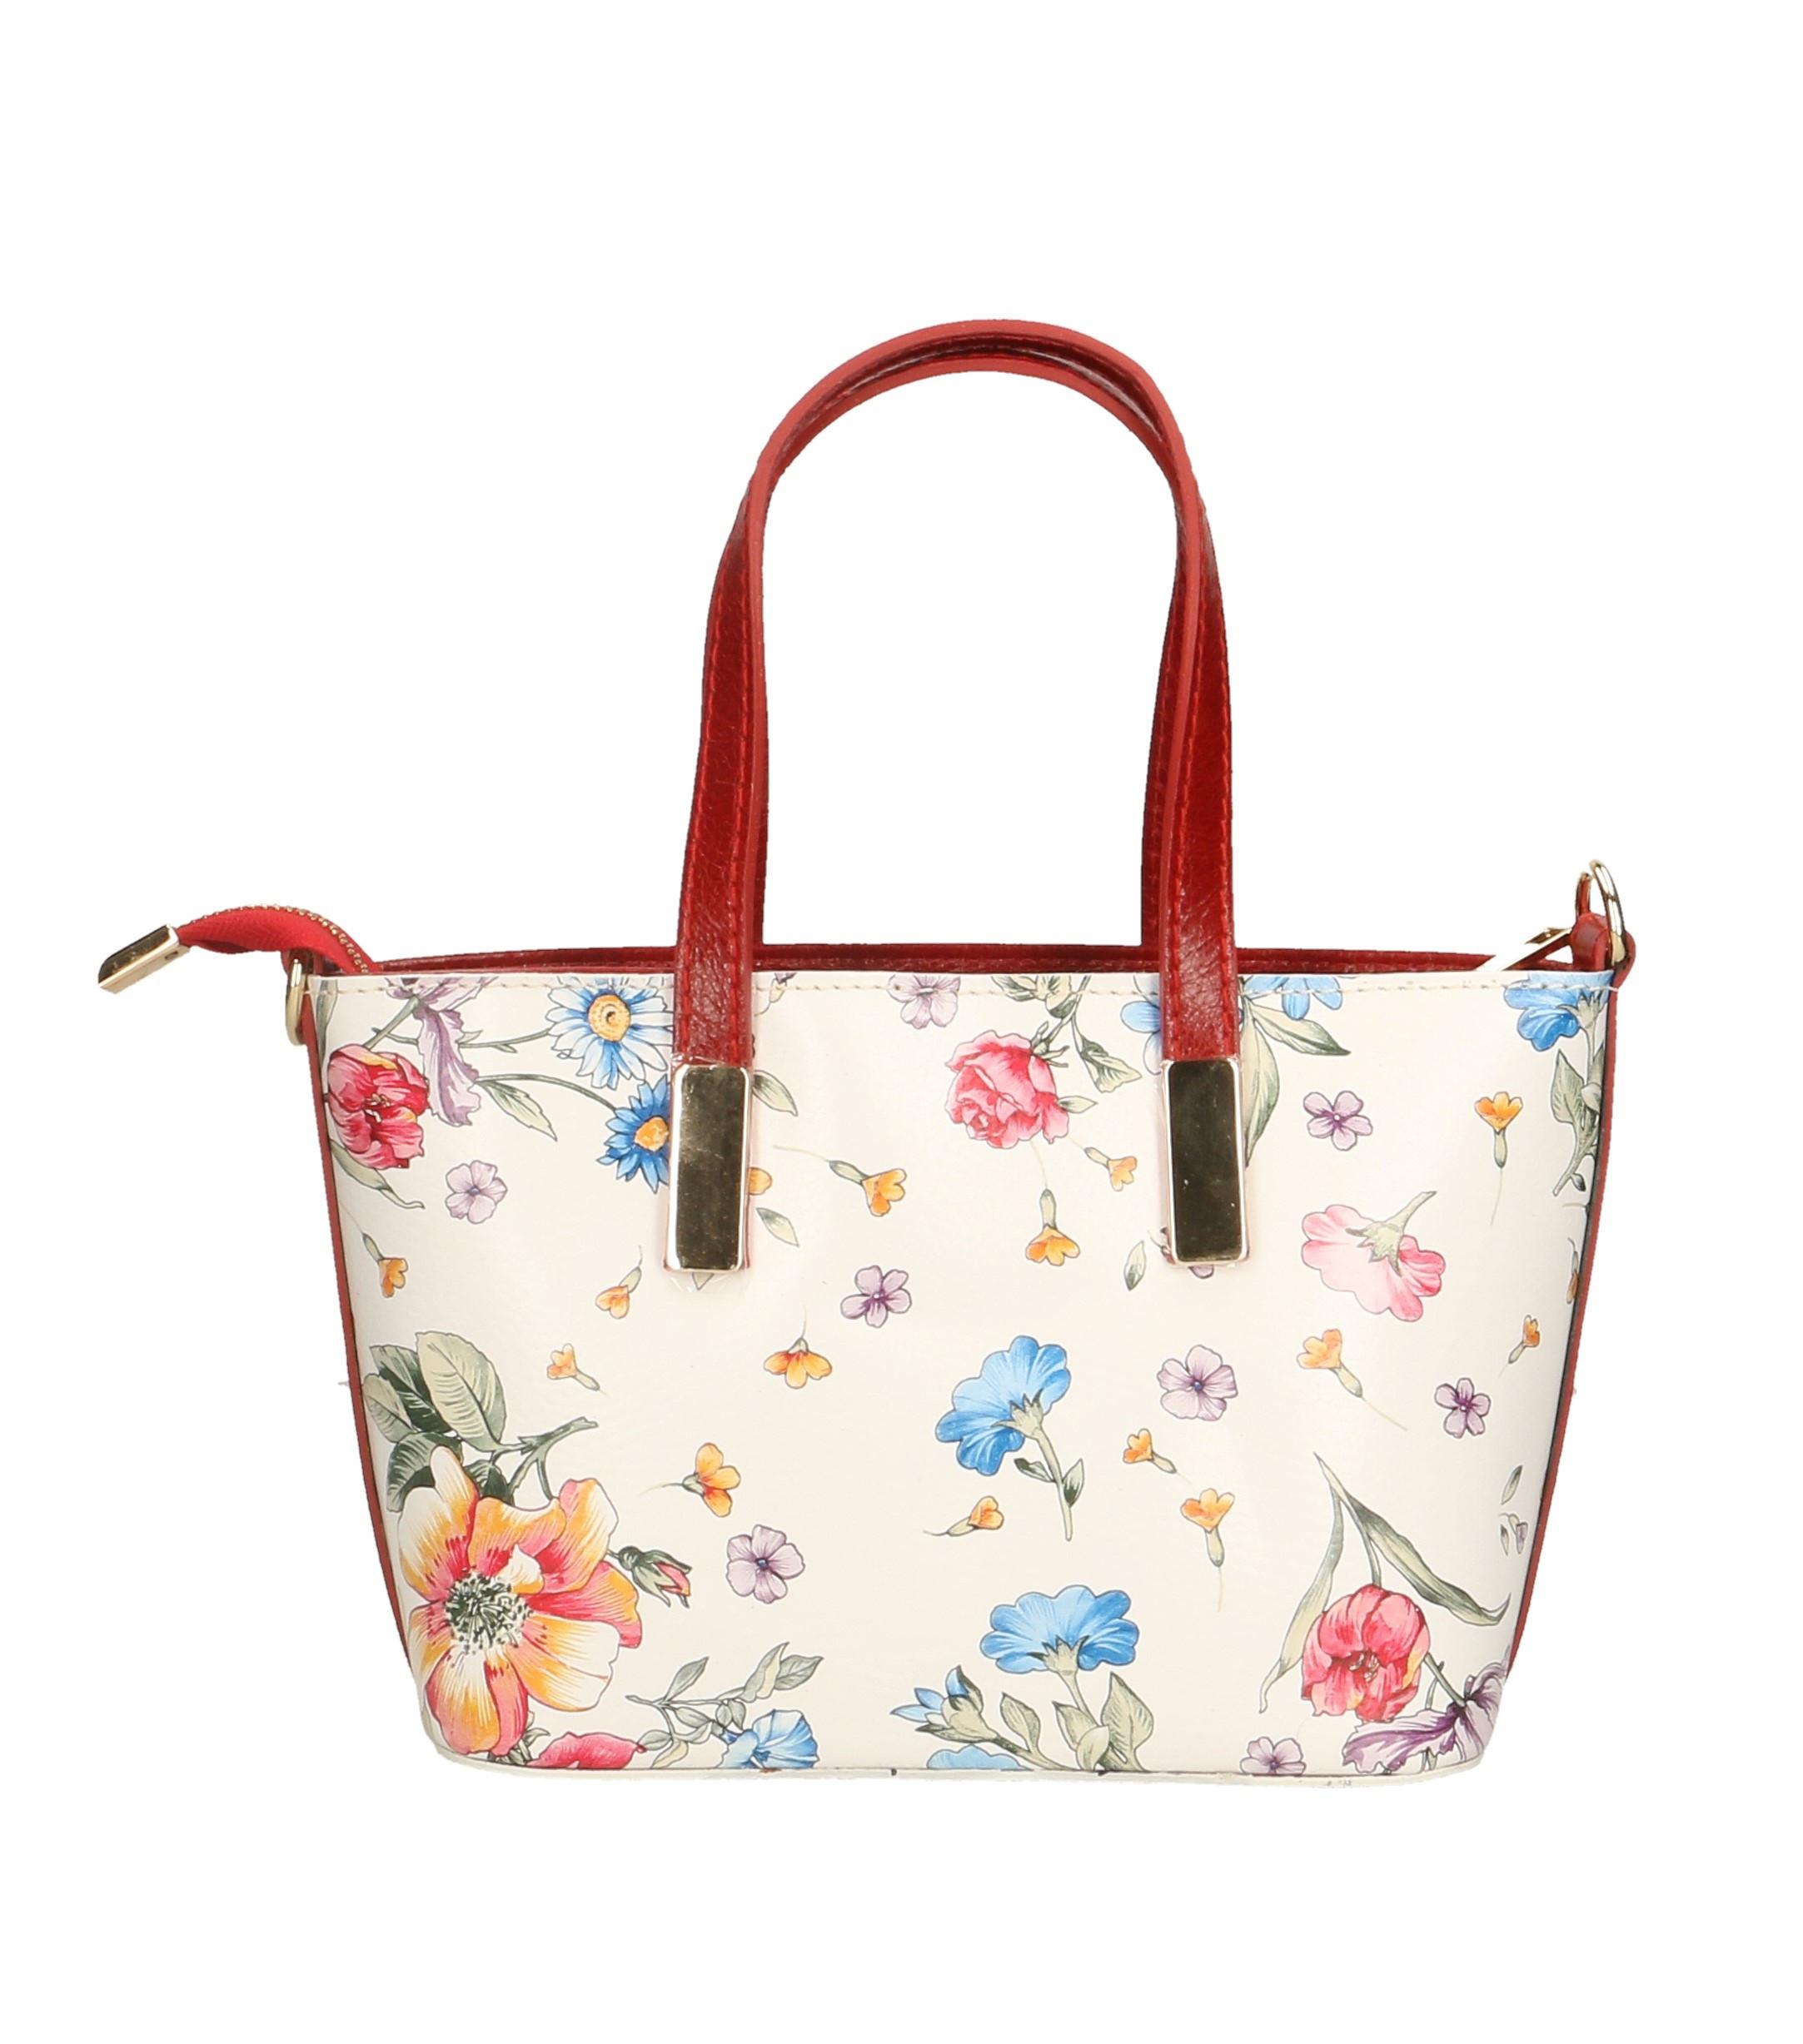 Kožená luxusní bílá kabelka s černou a s motivem květin Floralis